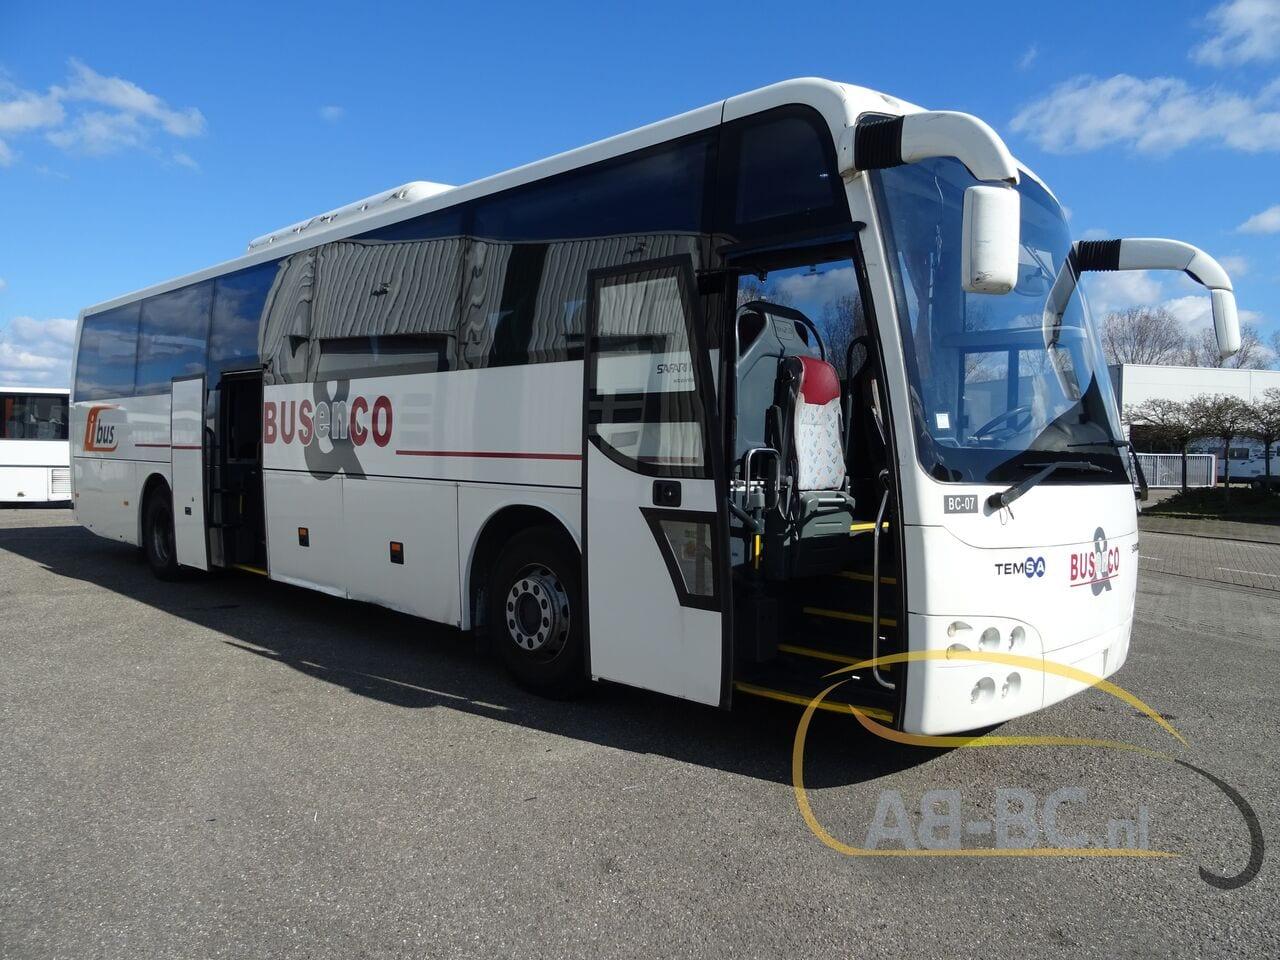 coach-busTEMSA-Safari-RD-53-Seats-DAF-Motor-12-mtr---1616166532530587540_big_ece55c5d5a320a0b222475ea53327120--21031917053743807500